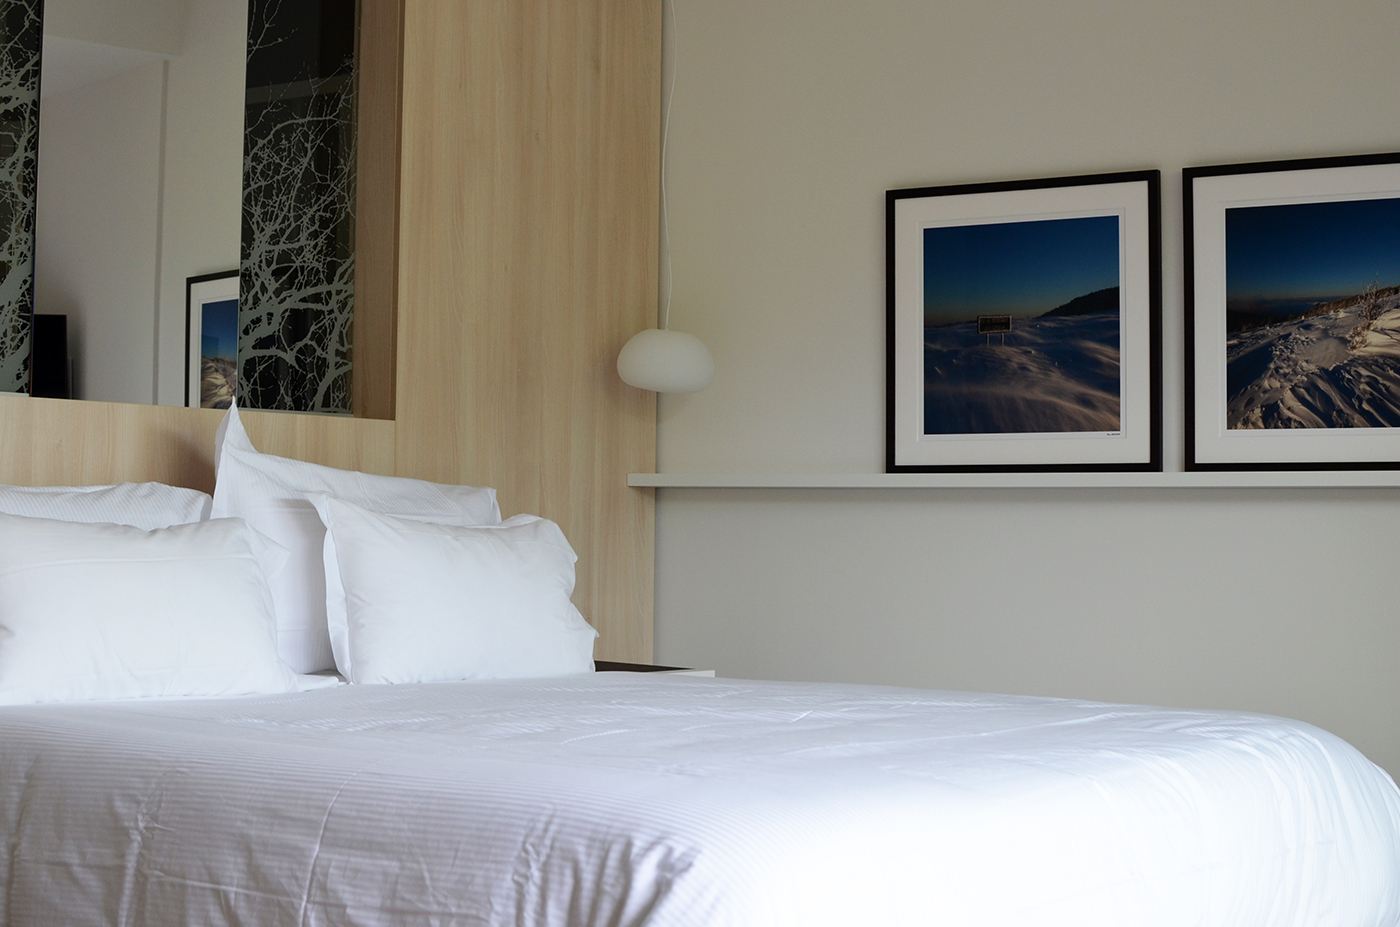 nouvel_hotel_avene11